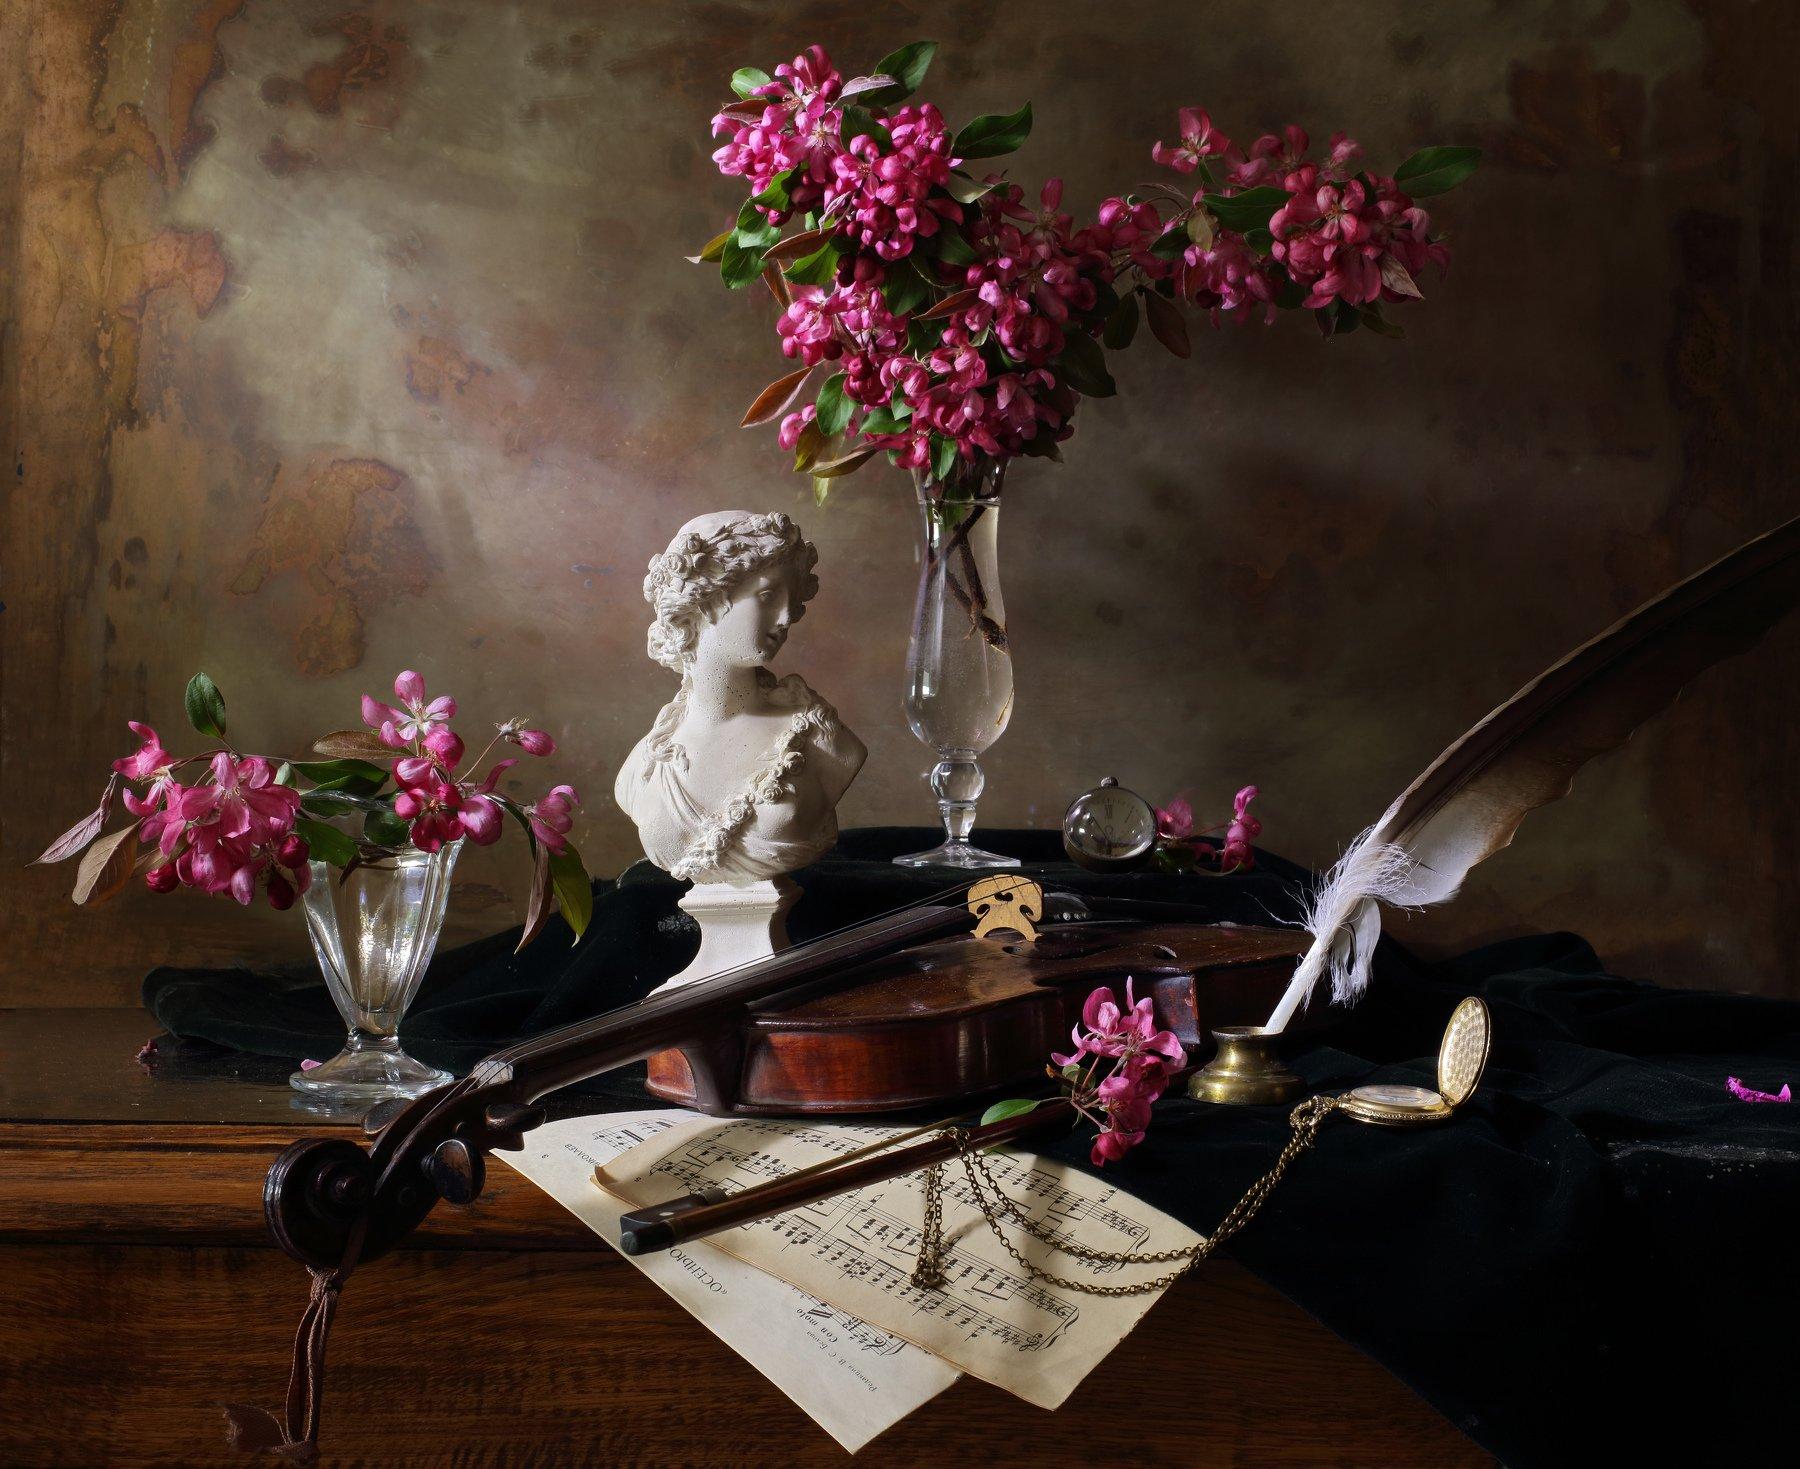 скрипка, музыка, девушка, цветы, весна, натюрморт, Андрей Морозов